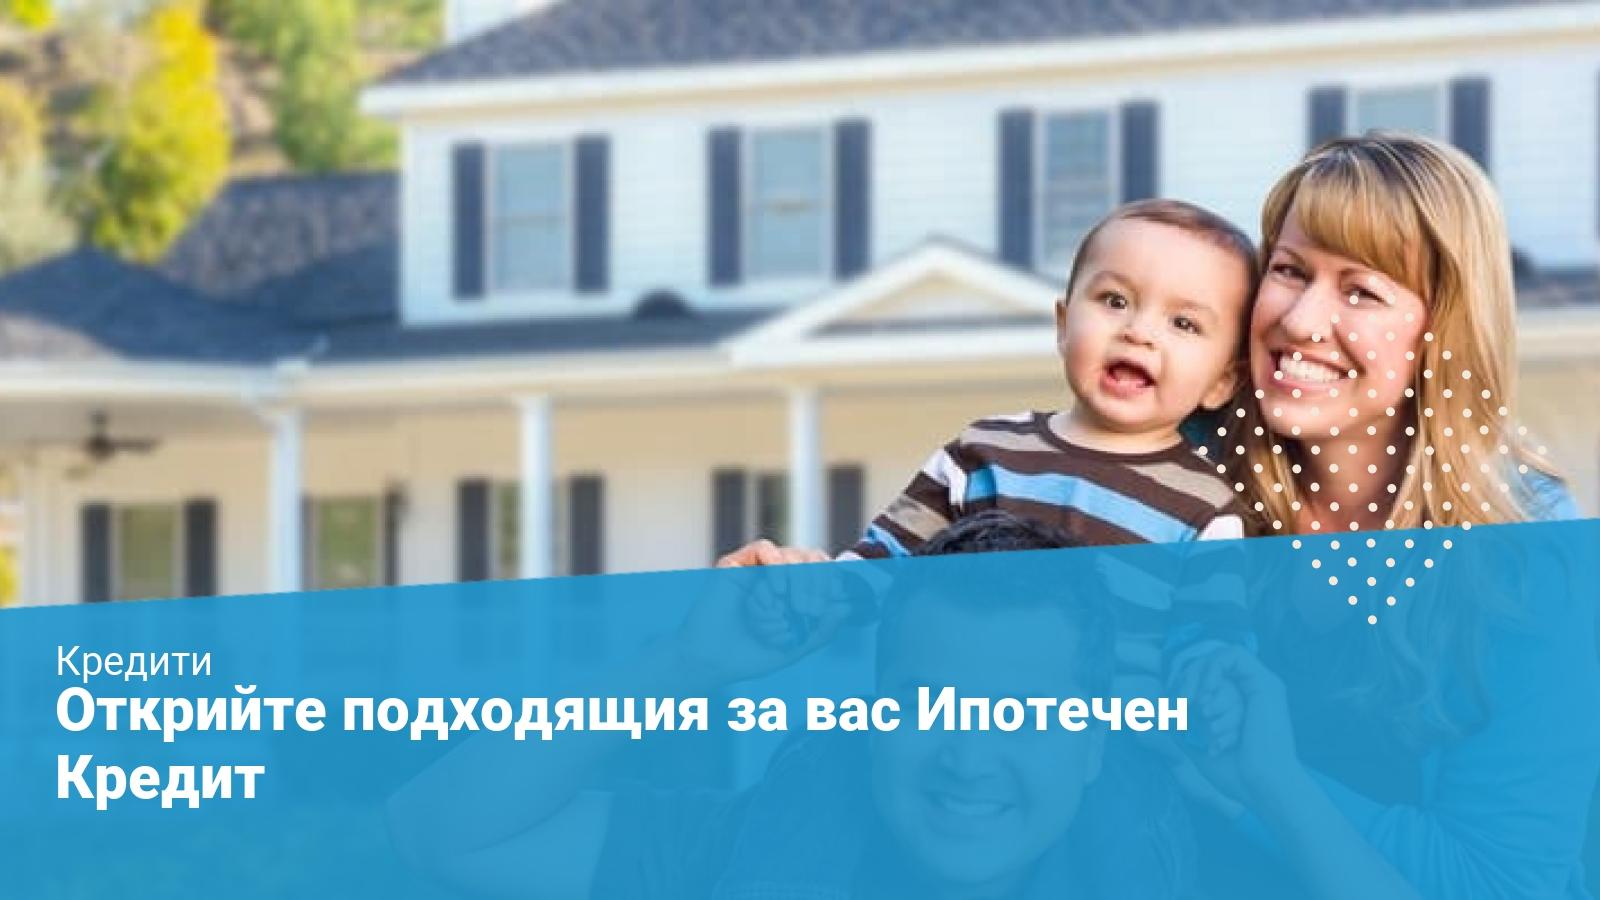 ипотечен кредит